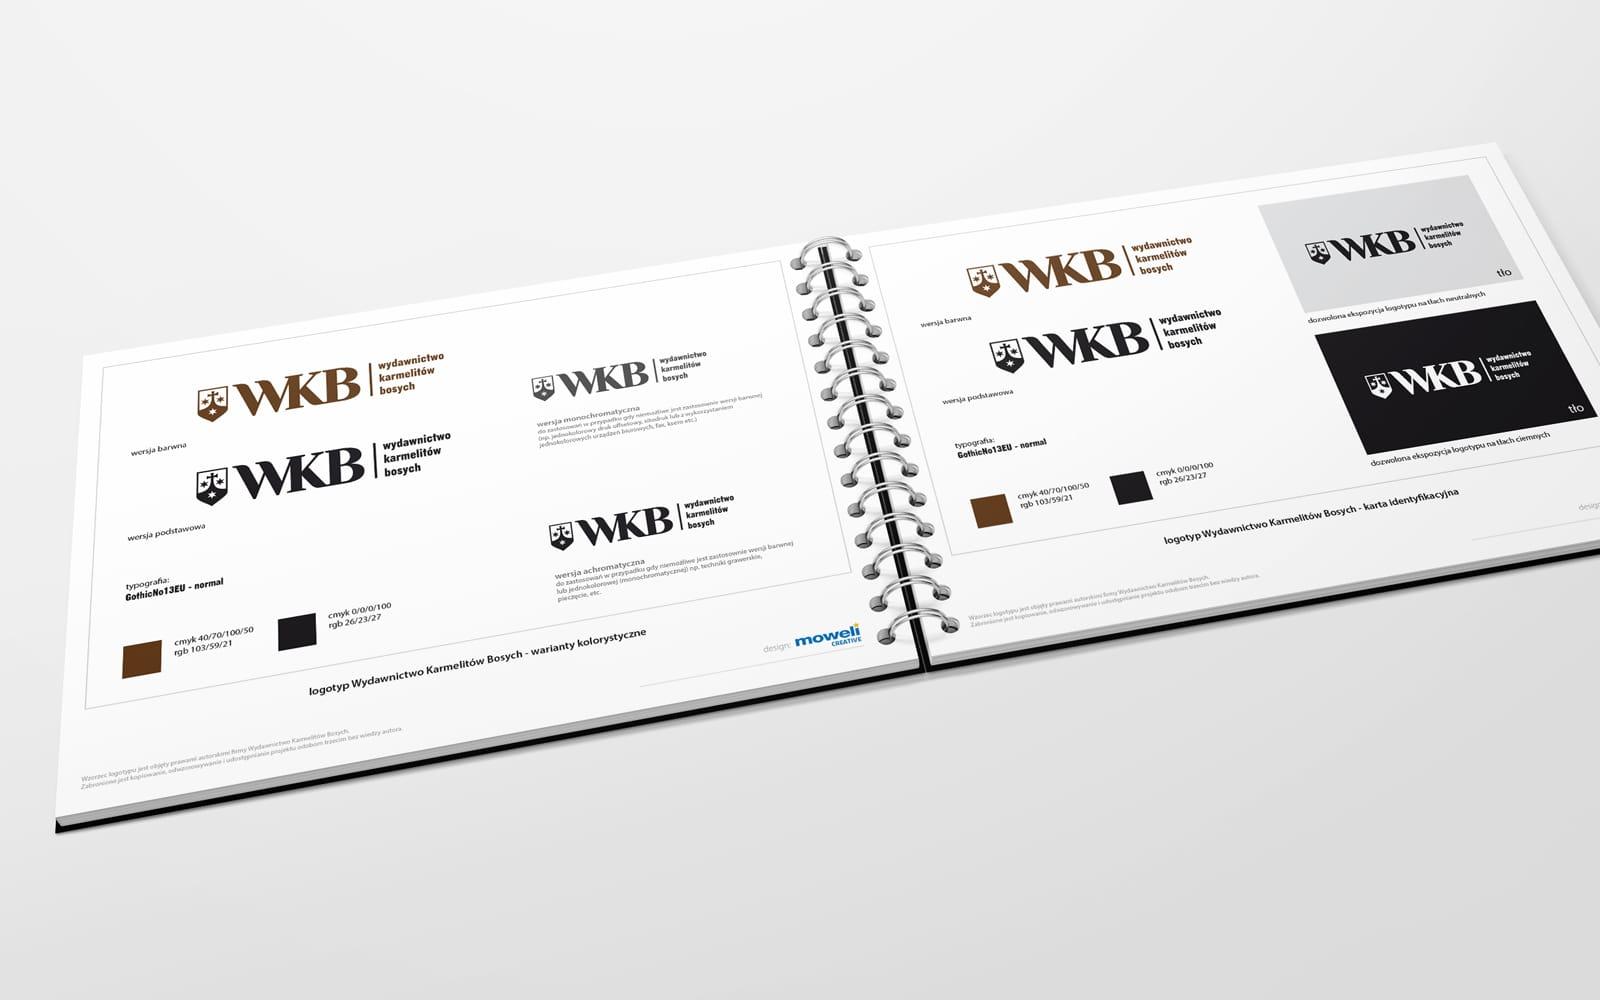 WKB Wydawnictwo Karmelitow Bosych rebranding logo firmowego projekty logo firmy rewitalizacja identyfikacje wizualne księgi znaku branding Agencja brandingowa Moweli Creative Dąbrowa Górnicza Warszawa